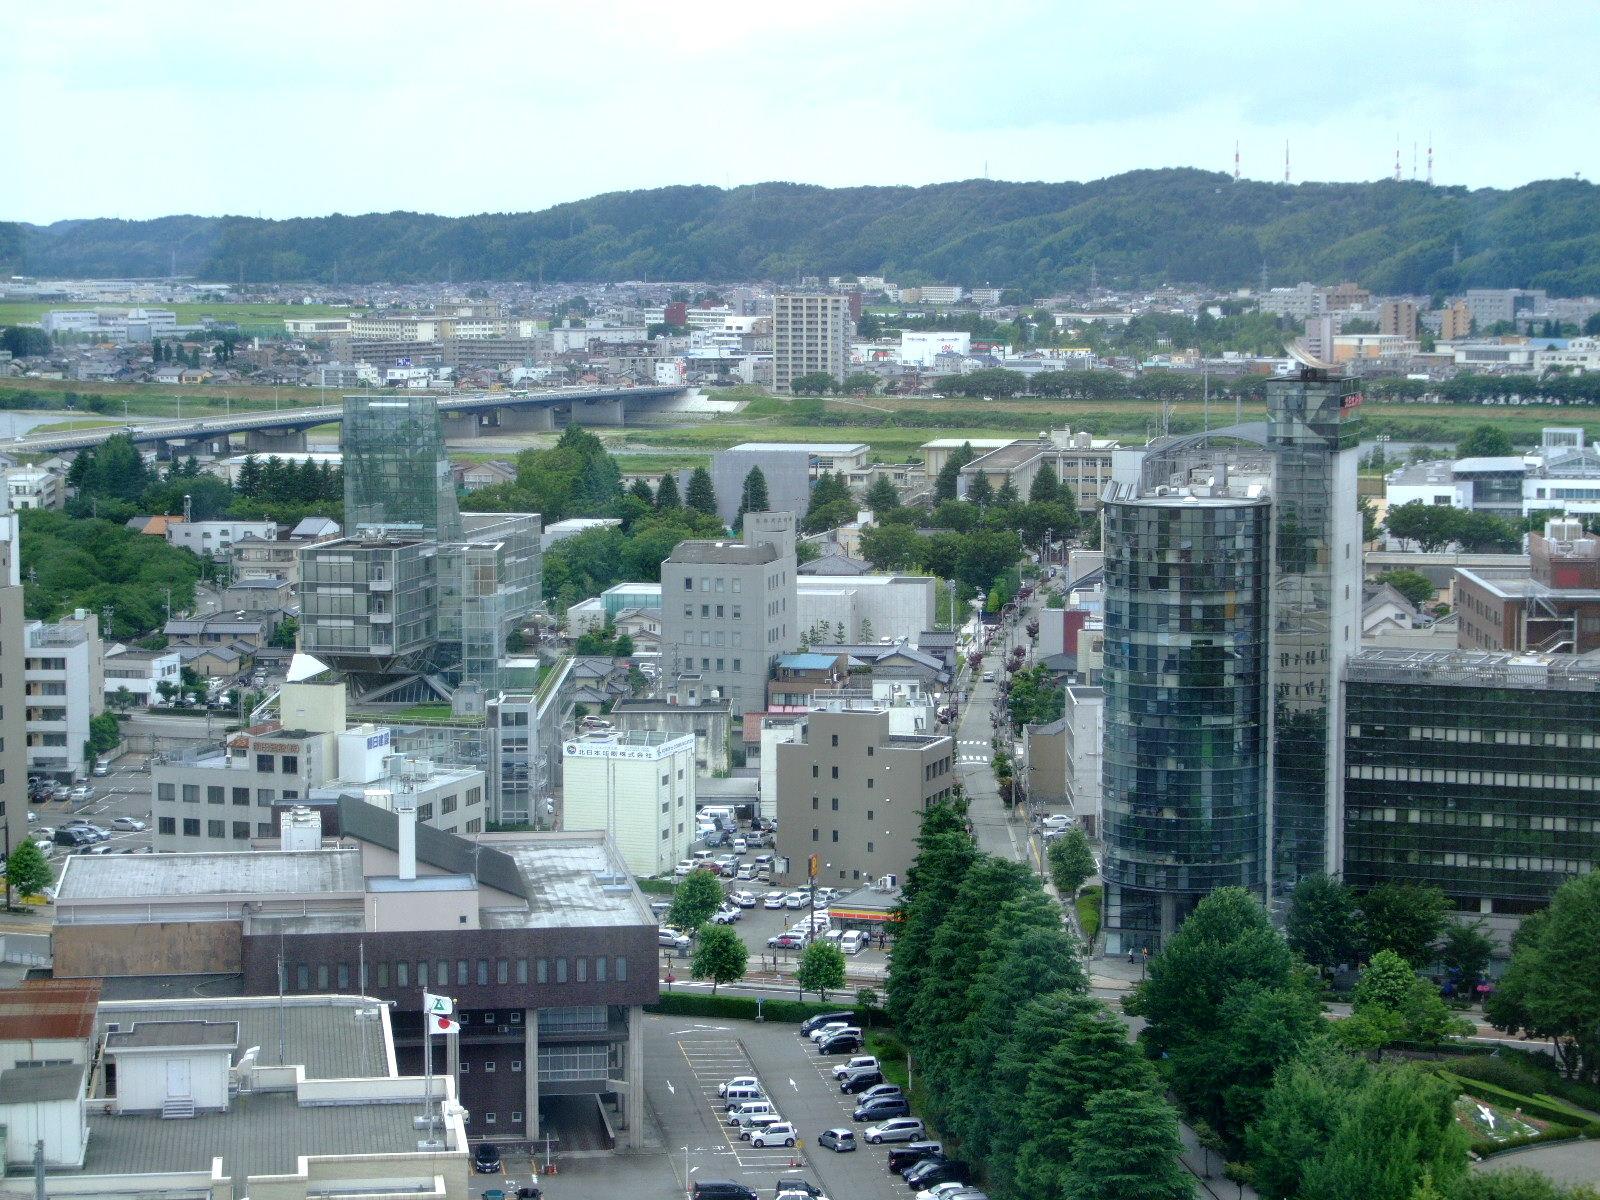 第11話 富山地方鉄道の市内電車に乗ってみる_f0100593_1145913.jpg